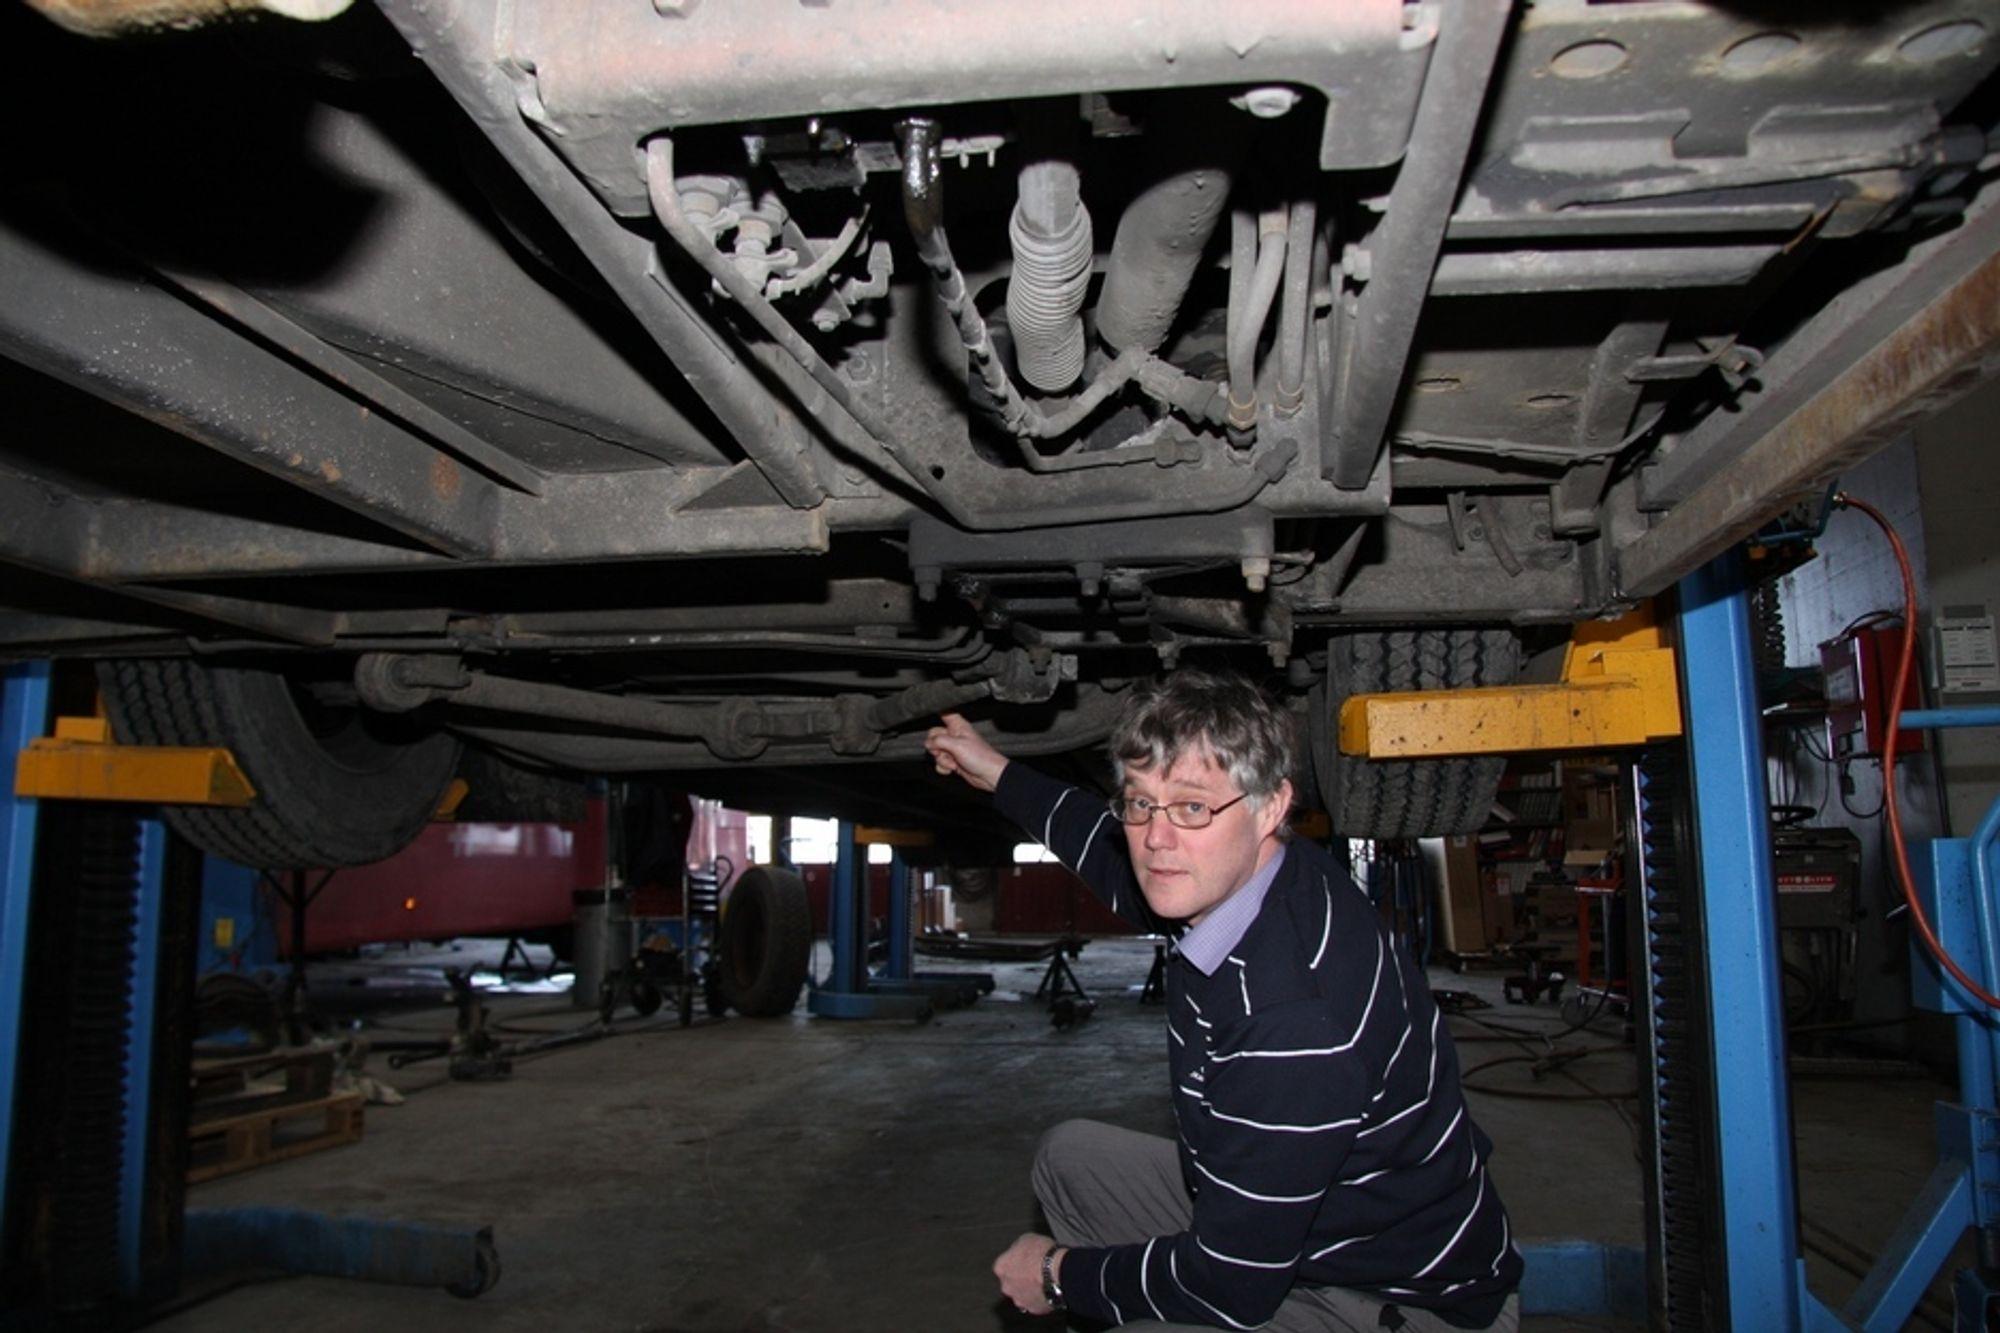 STORE REPARASJONER: Teknisk sjef i Norgesbuss, William Theisen, er fortvilet over skadene bussene får på hjuloppheng, understell og akslinger. - Veiene er så dårlige at bussene rister i filler, sier han.